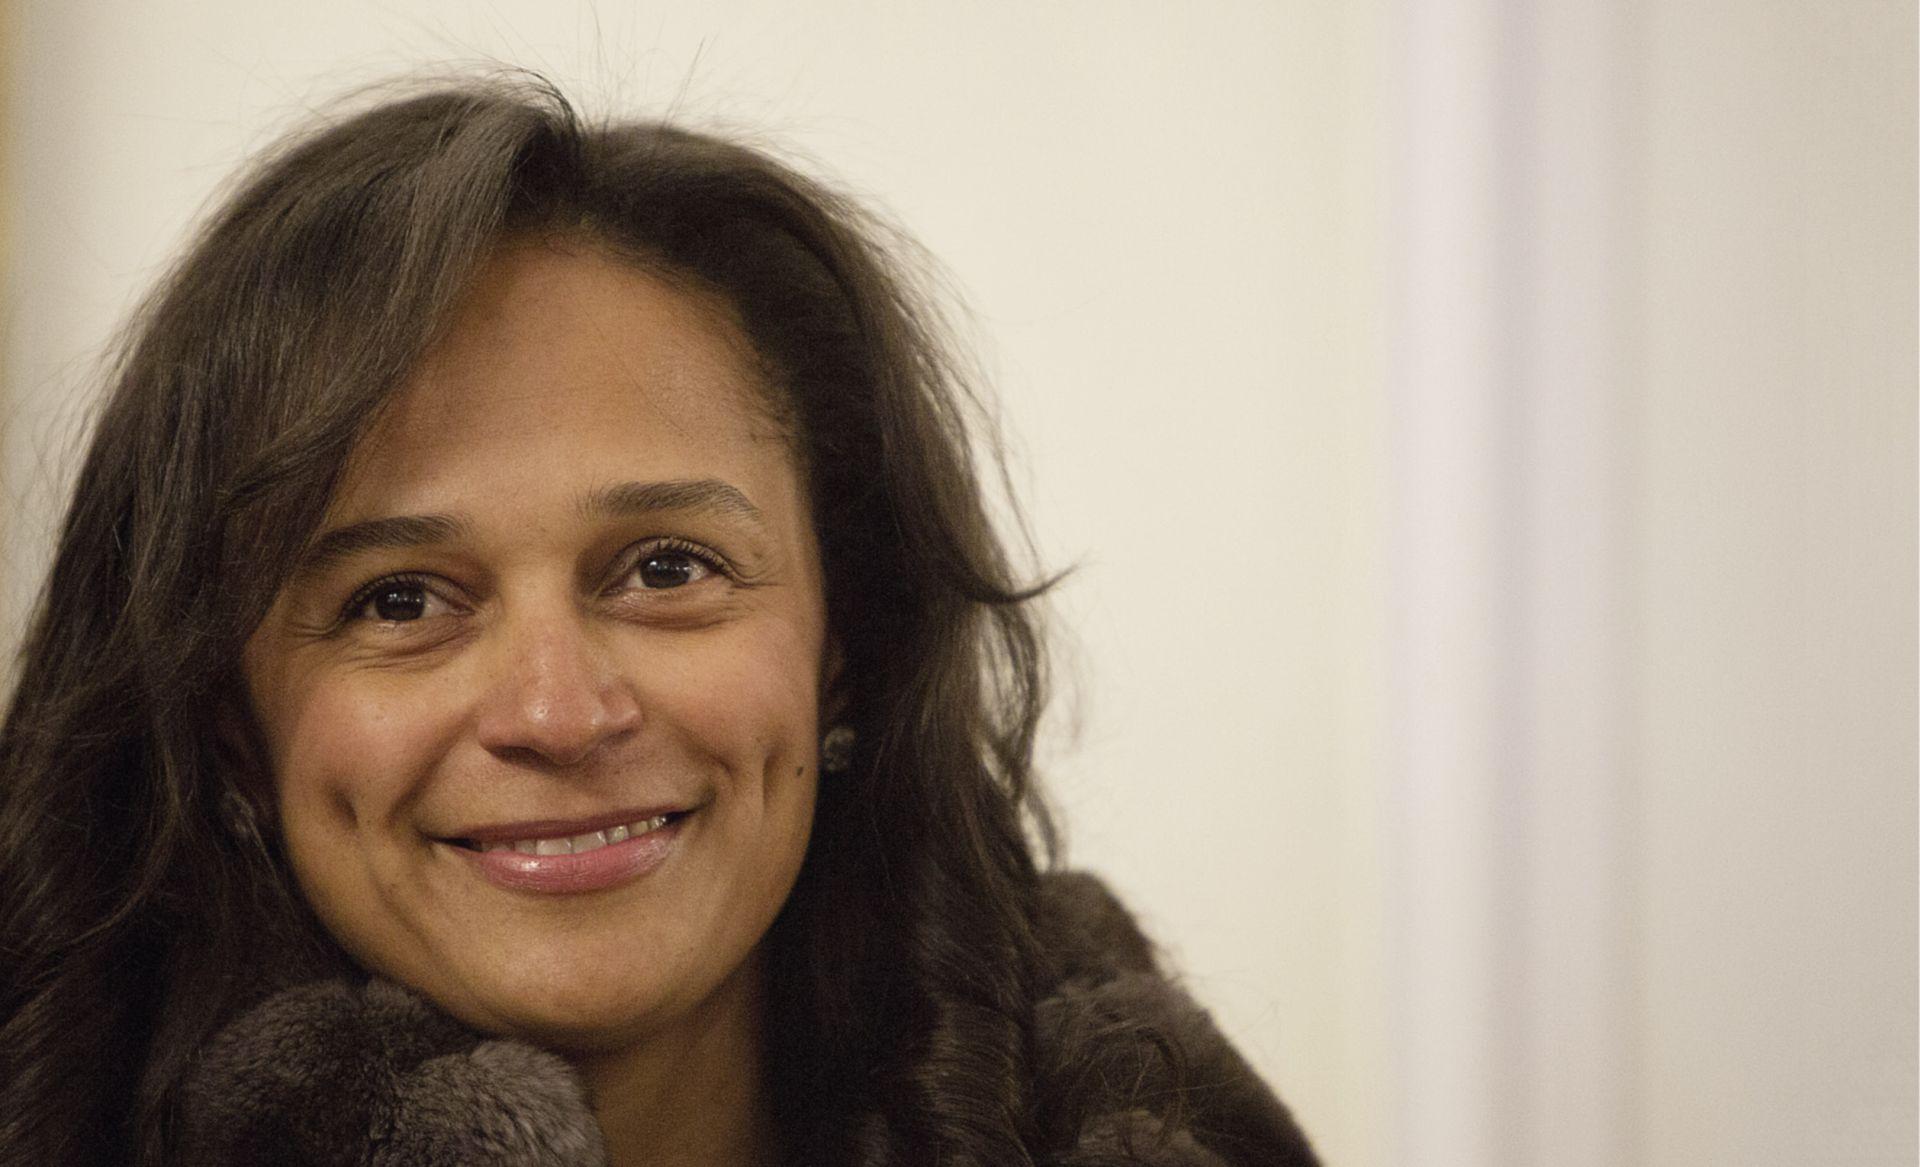 Predsjednikova kći, šefica tvrtke koja u Angoli surtađuje s Inom, u velikom korupcijskom skandalu